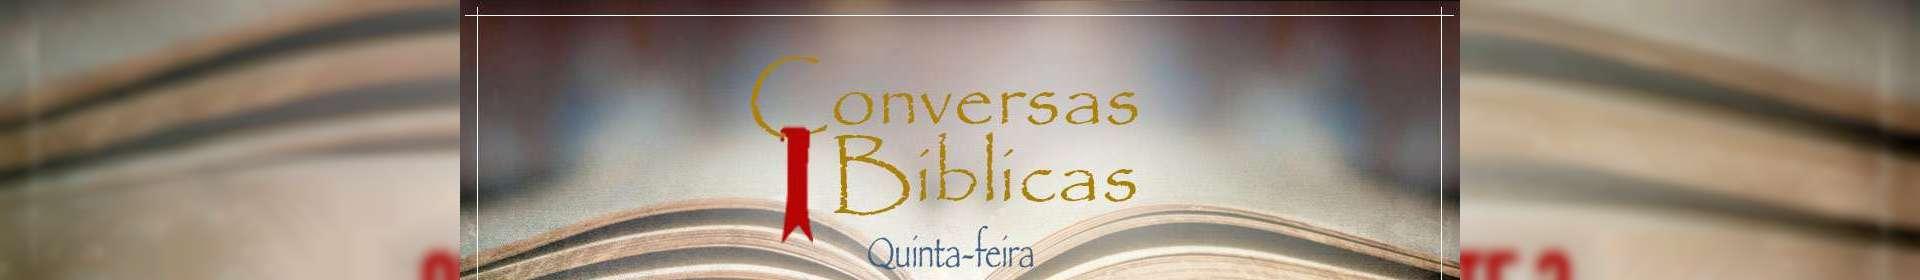 Conversas Bíblicas: Obra de Saul e Obra de Davi - Parte 3